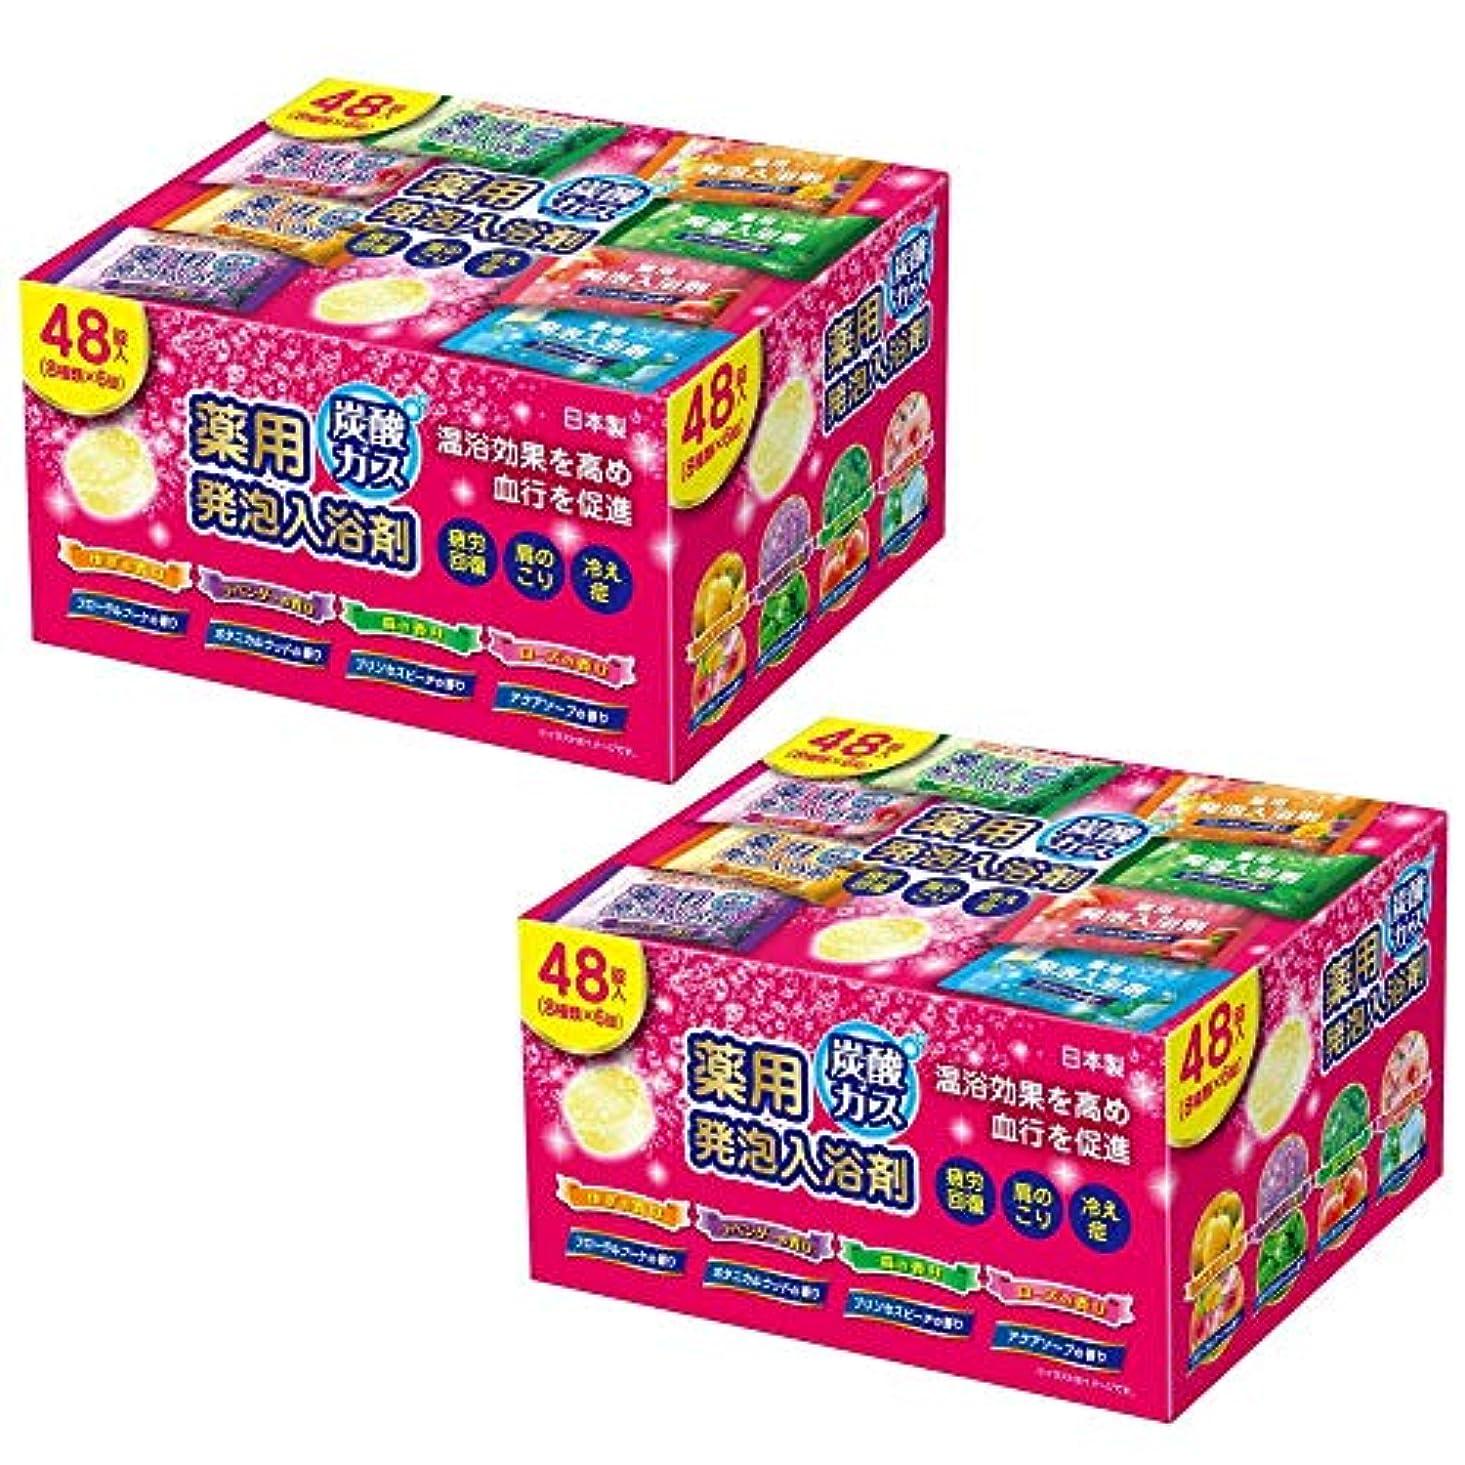 【大容量】薬用発泡入浴剤 8つの香り 炭酸ガス 48錠入(8種×6錠)つめ合わせ 医薬部外品 2箱セット